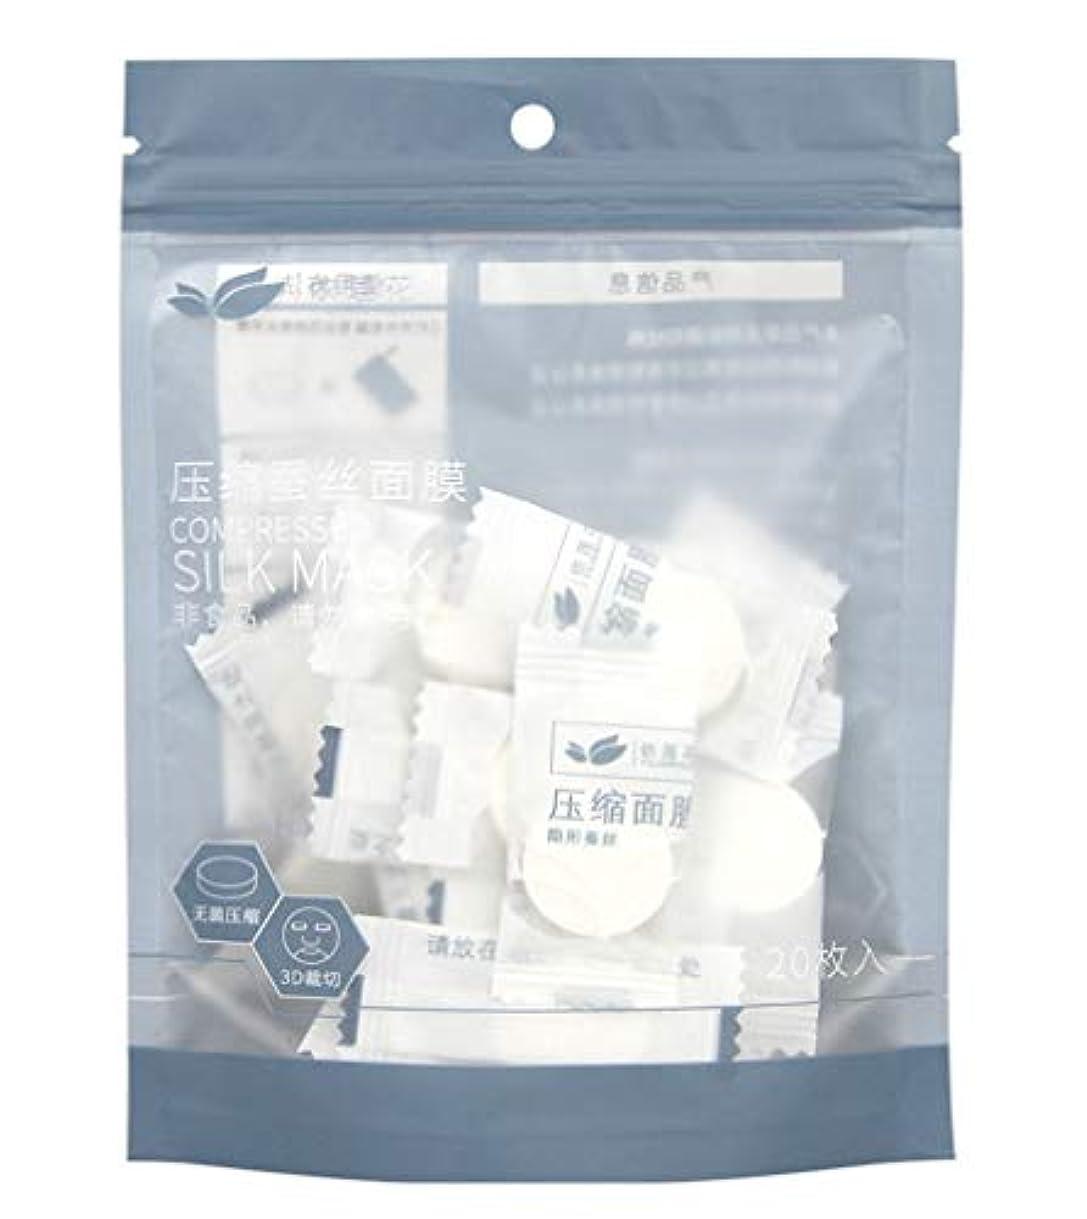 尊敬する朝食を食べる胸圧縮マスク 圧縮フェイスマスク スキンケア DIY美容マスク 20個入り DIY 携帯便利 使い捨て